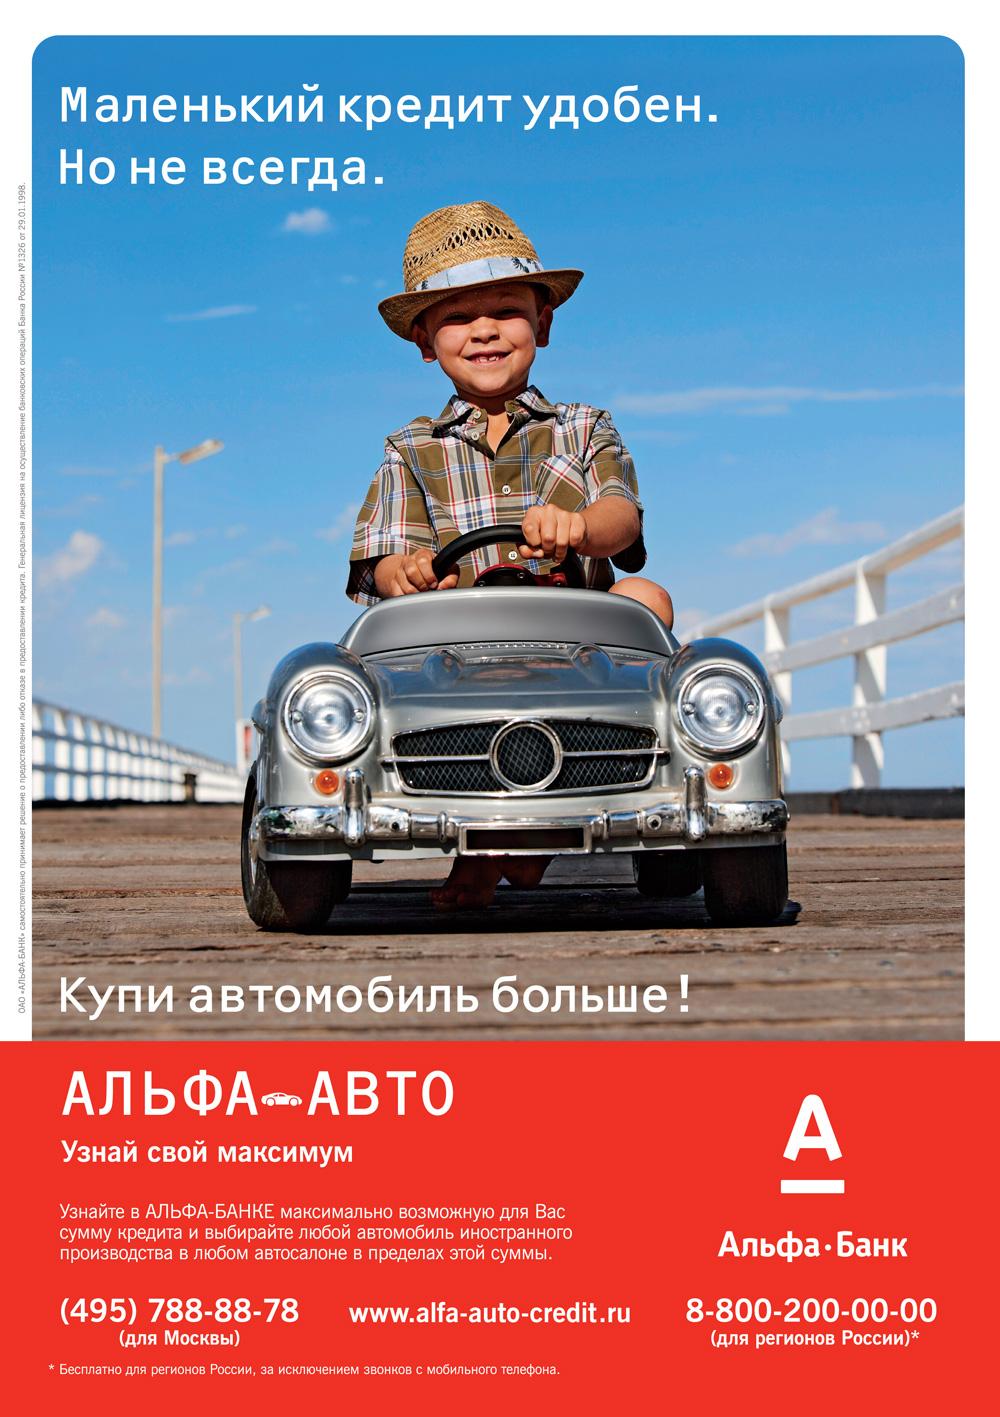 """1 октября Альфа-Банк и A.R.M.I. запустили рекламную кампанию по продвижению универсального автокредита  """"Альфа-Авто """" ."""